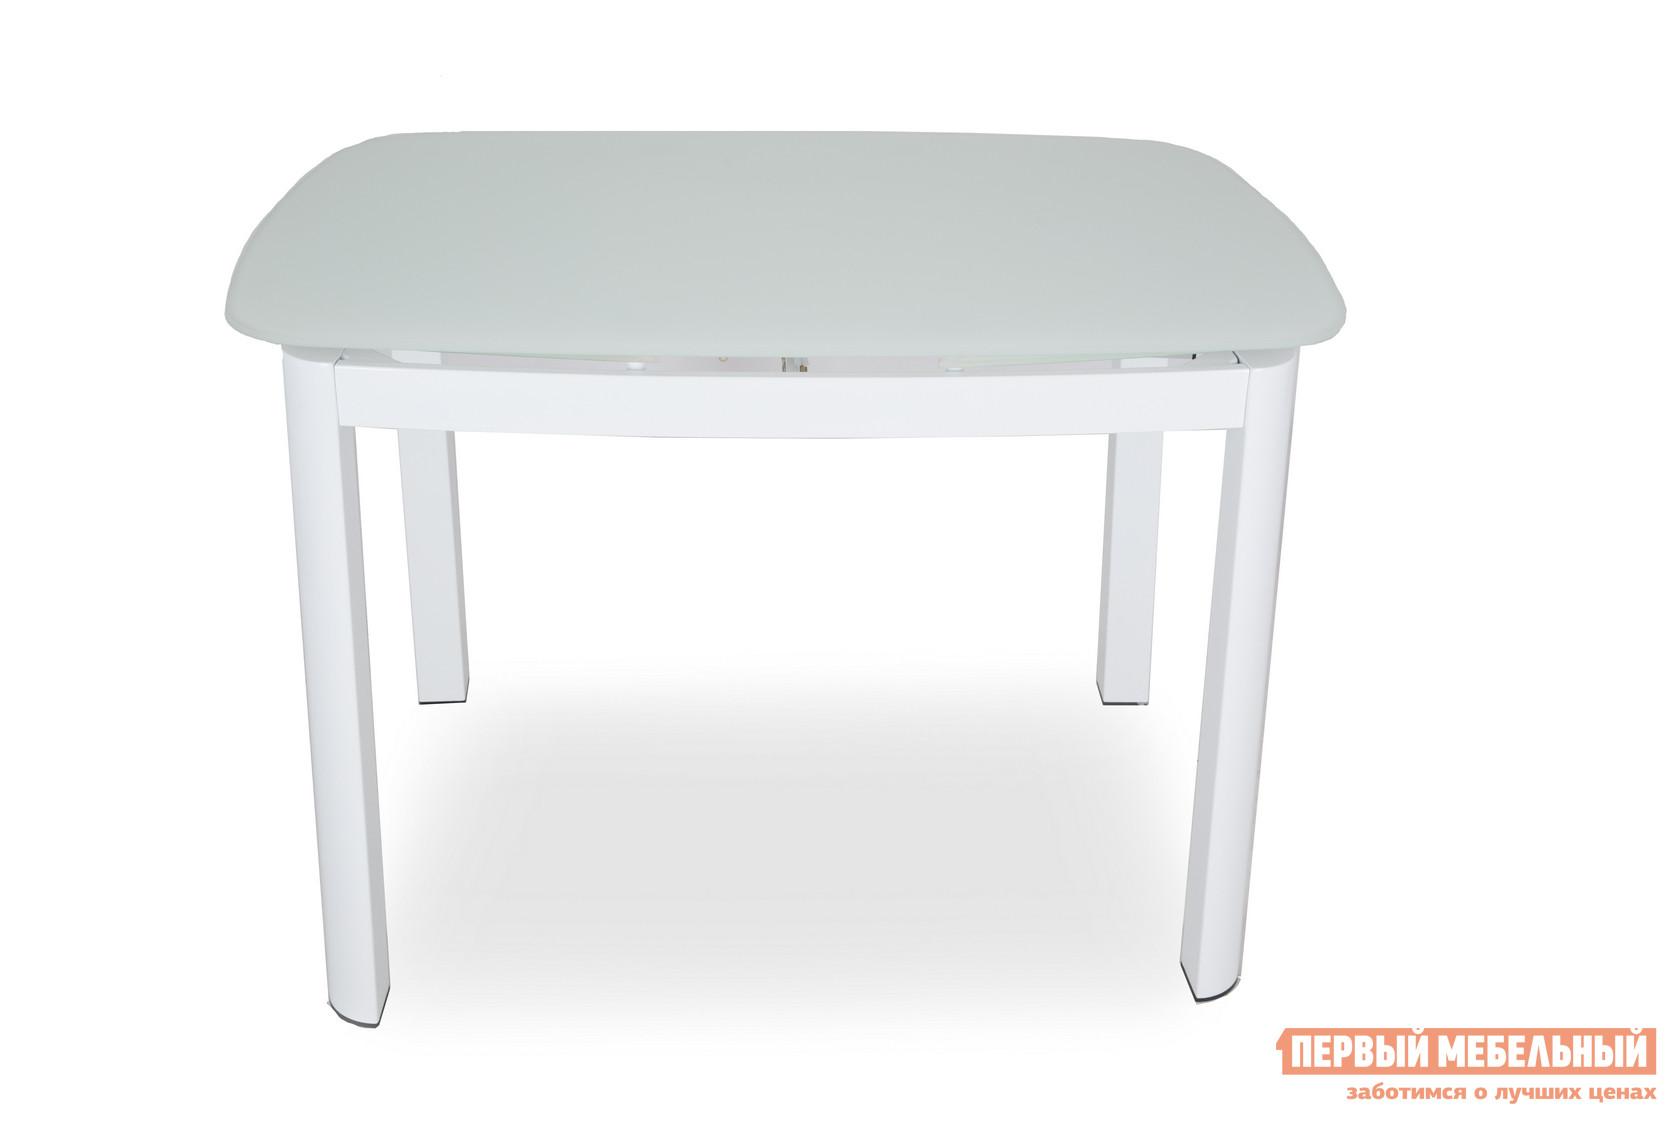 Овальный раскладной обеденный стол глянец Бентли Трейд 6236C стоимость